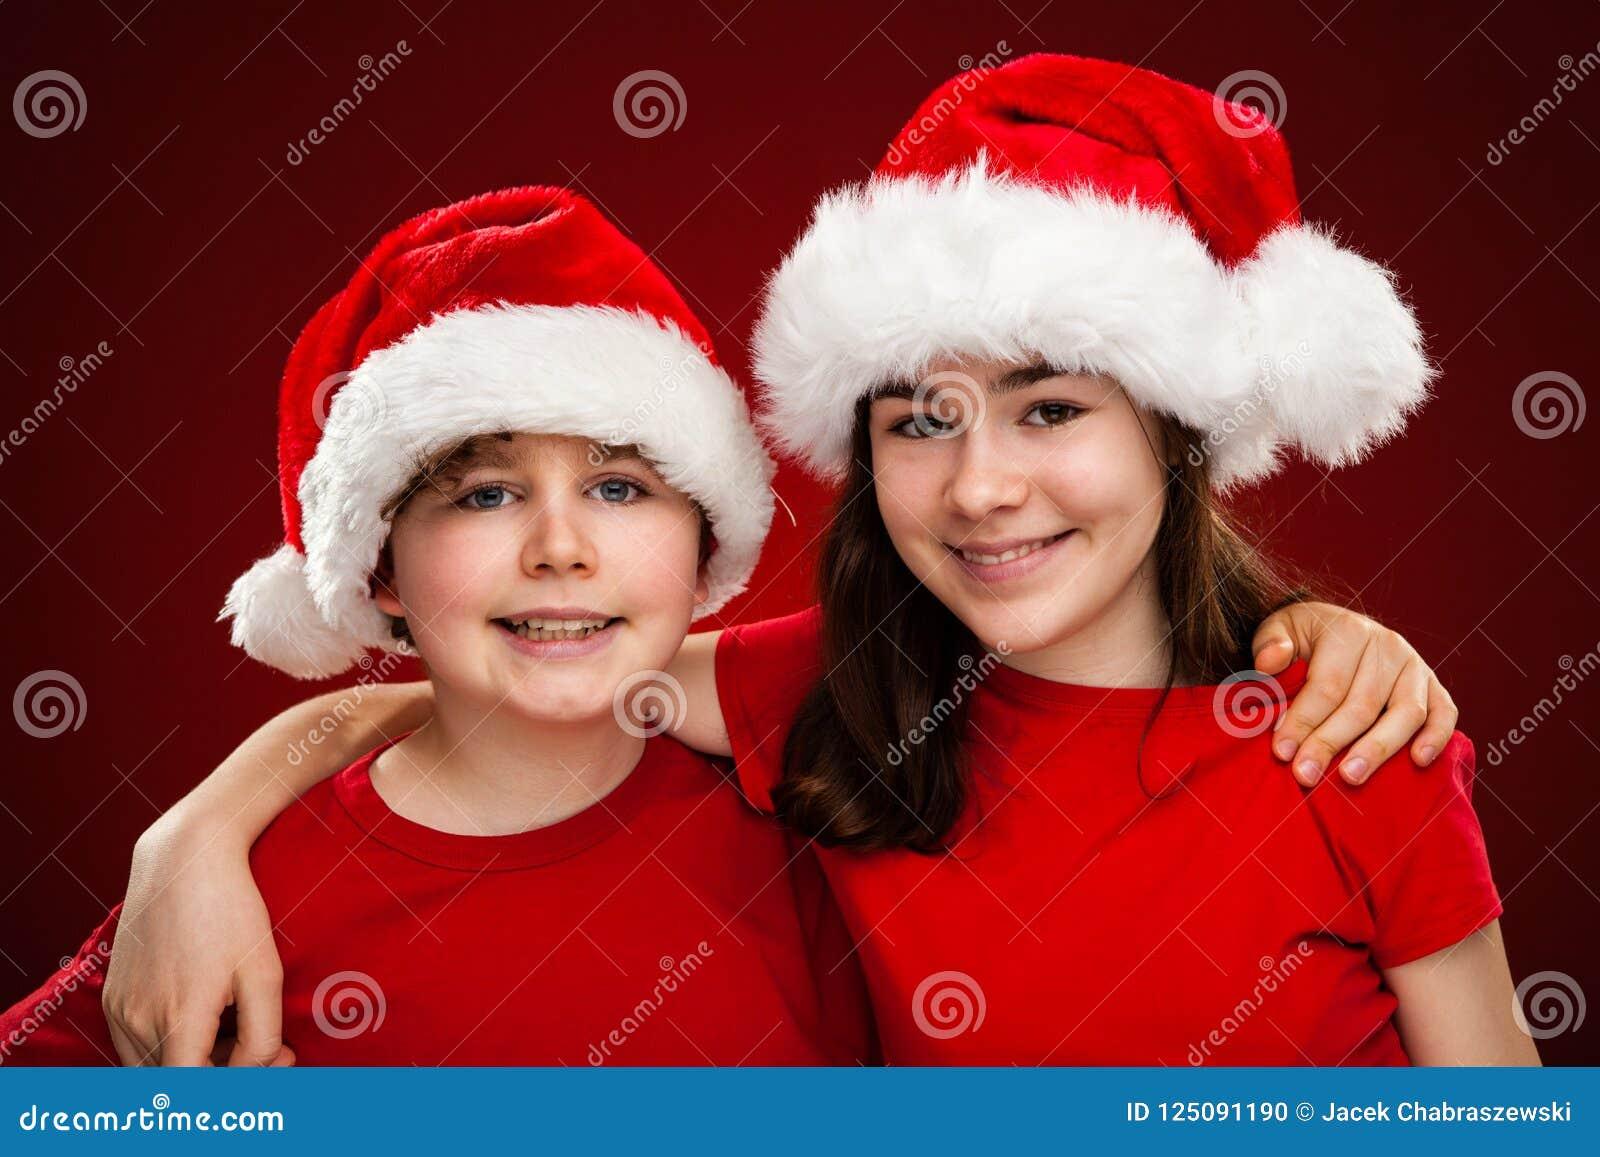 Temps de Noël - fille et garçon avec Santa Claus Hats